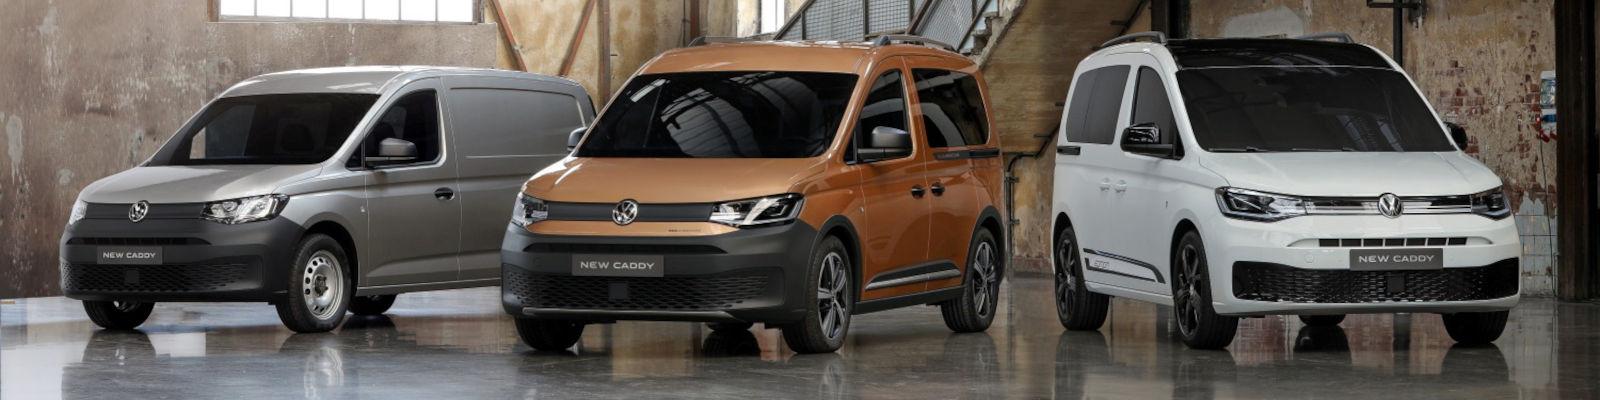 Nuevo Caddy 5